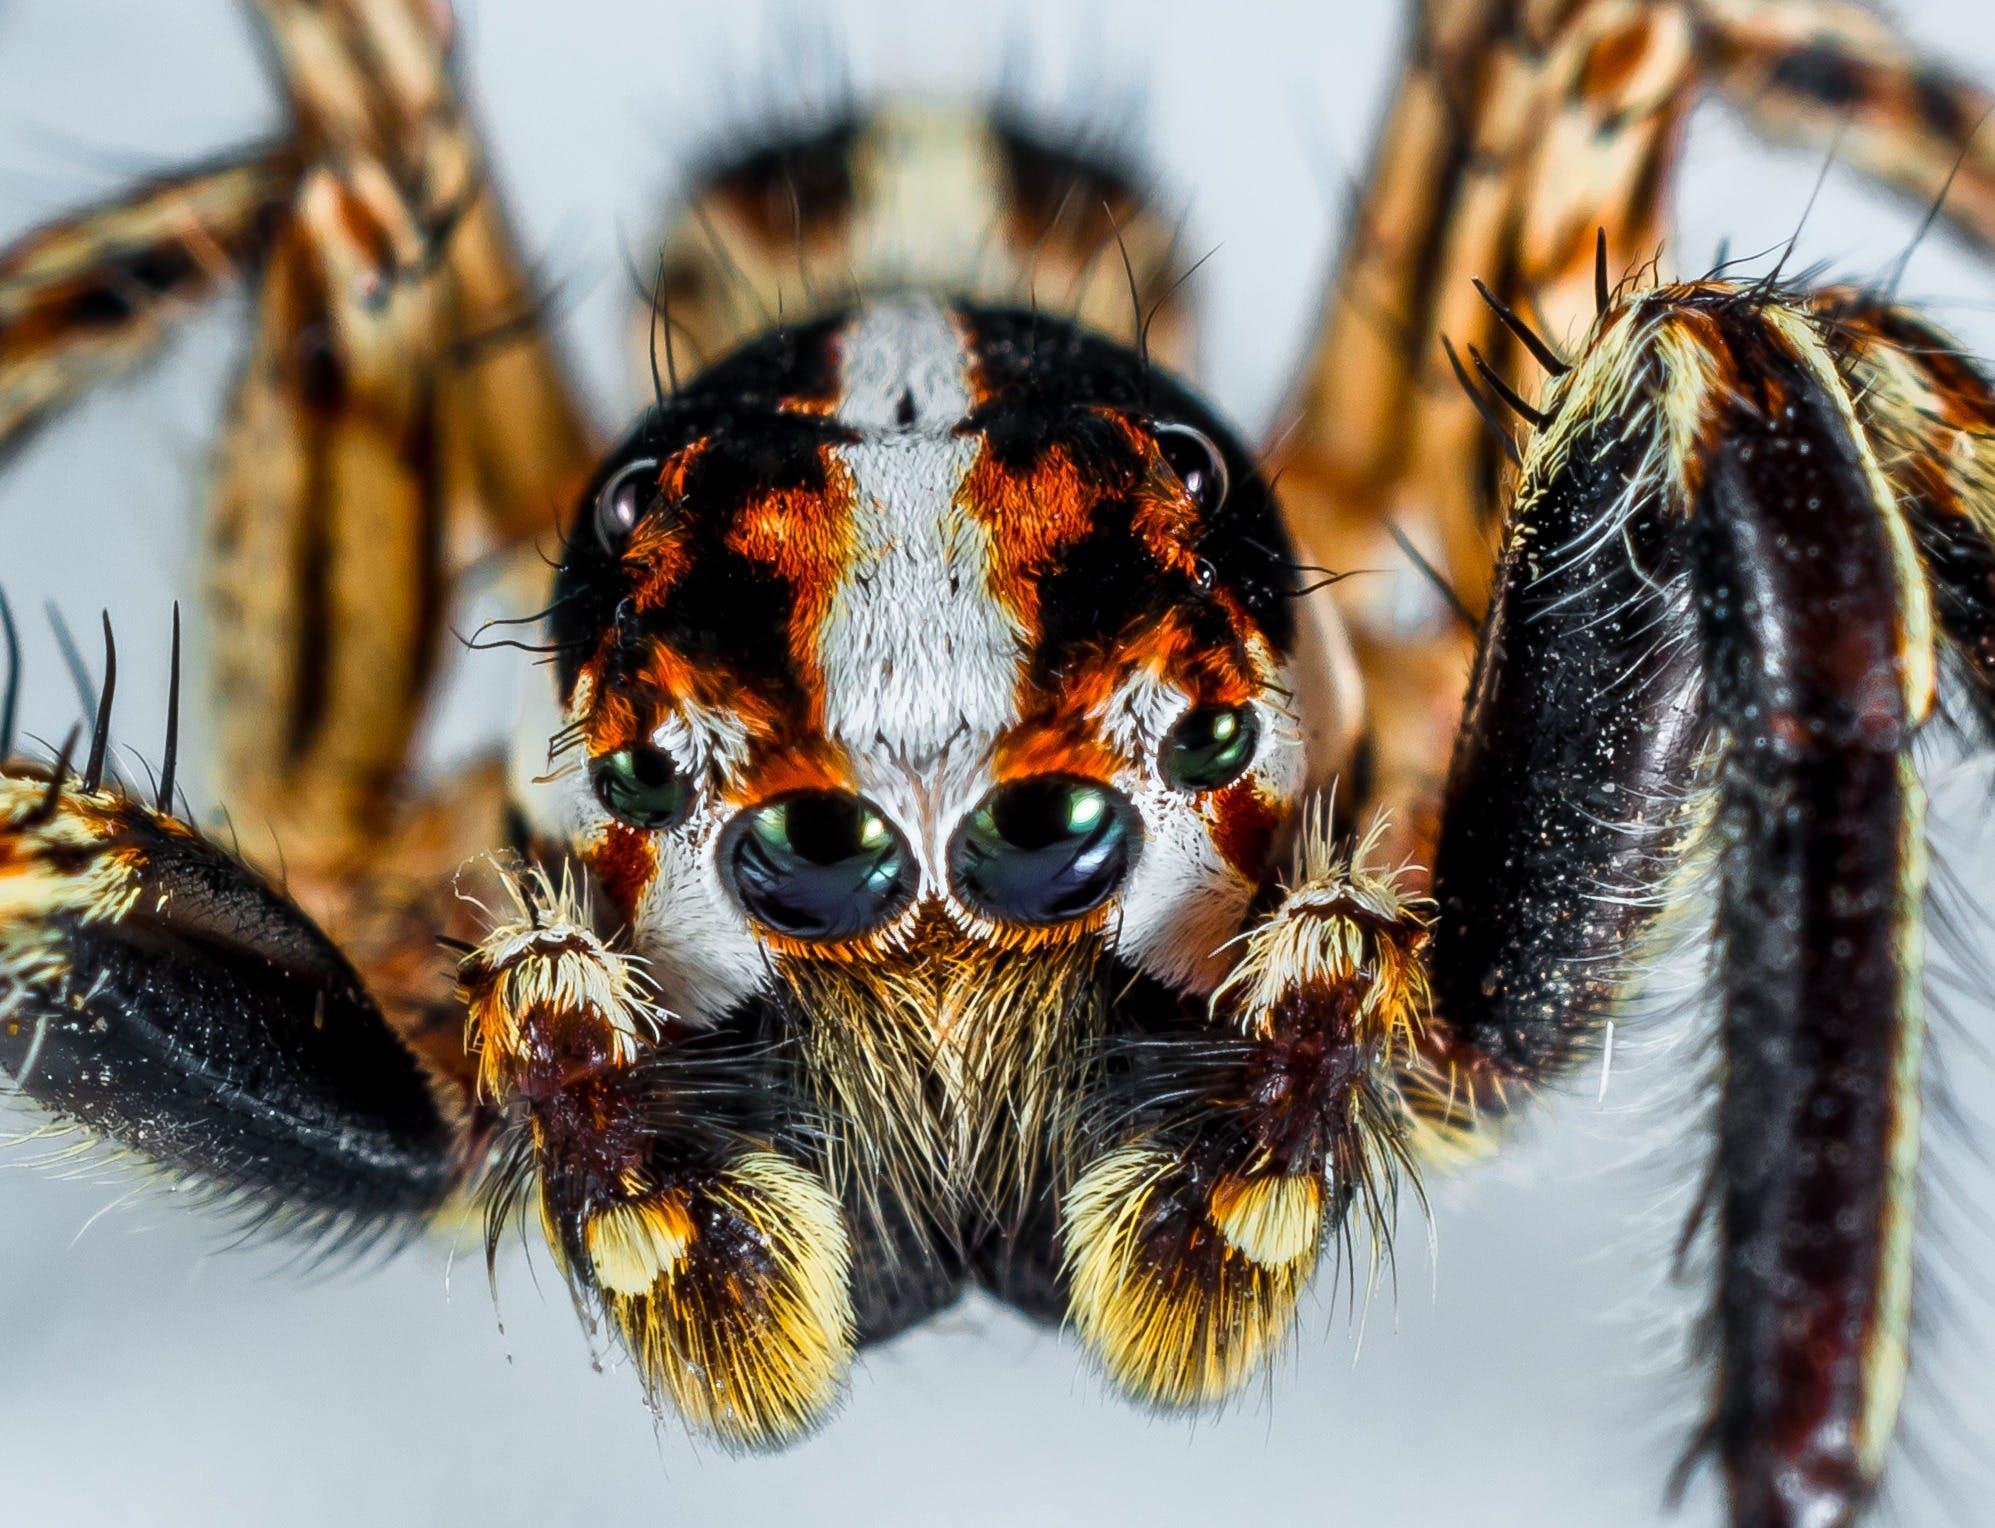 Fotos de stock gratuitas de animal, arácnido, araña, araña saltadora